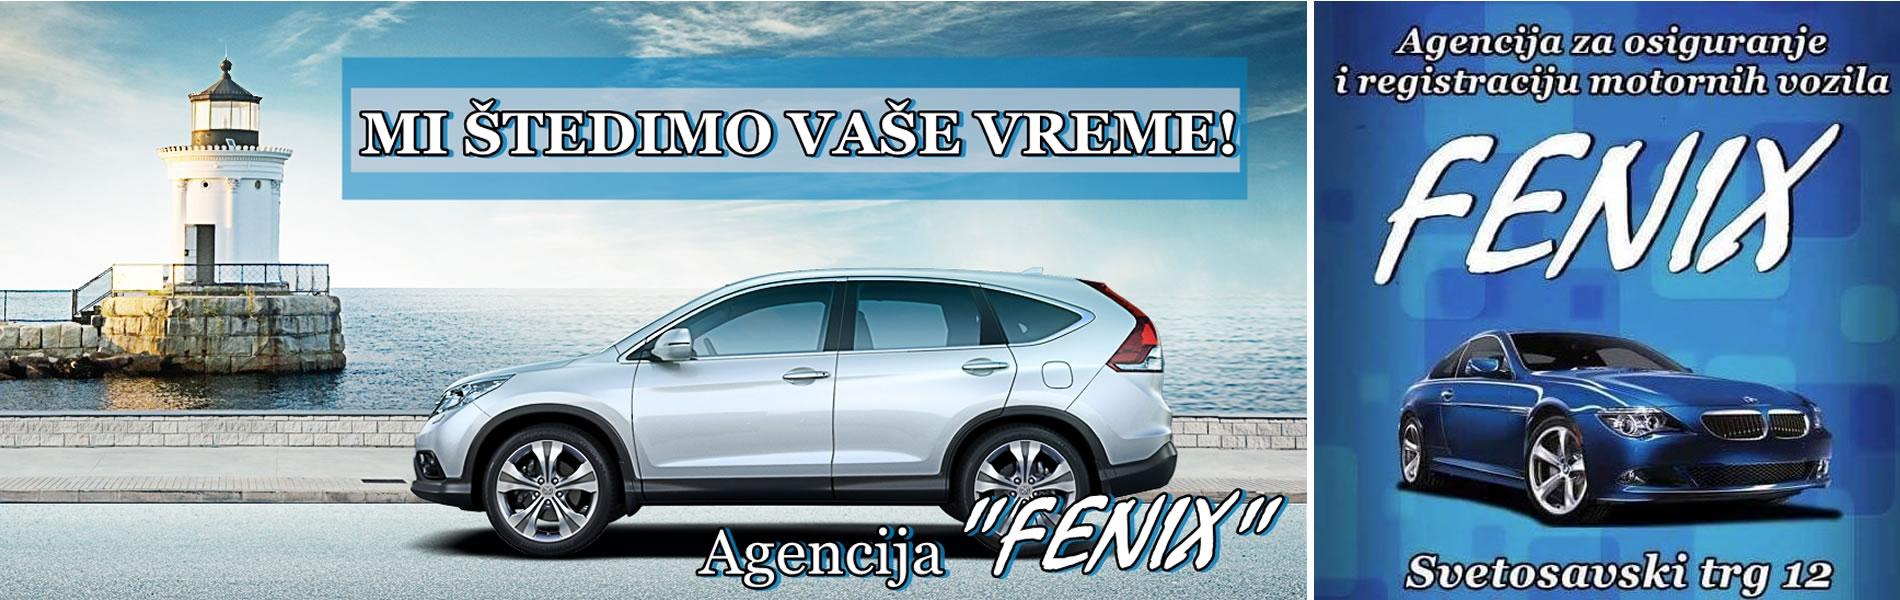 Agencija Fenix Vršac cover